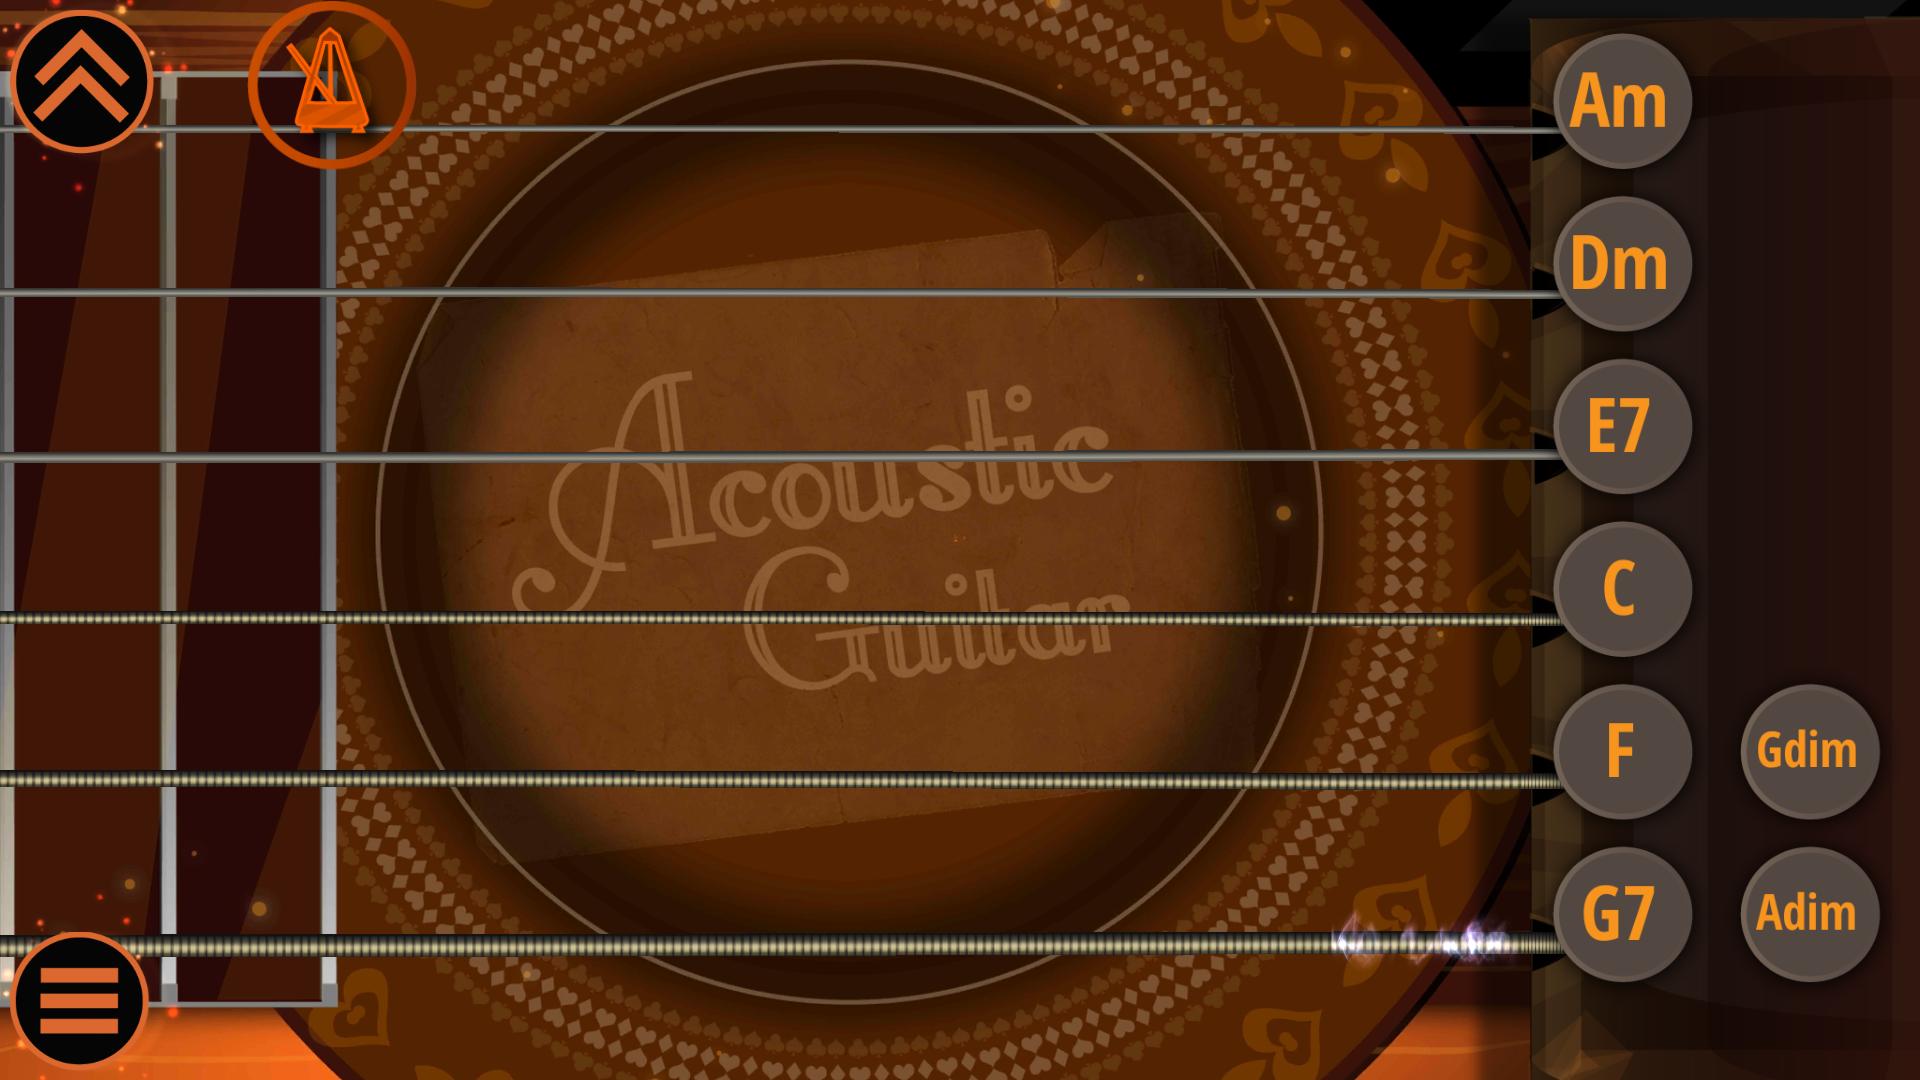 Guitarra acústica: Amazon.es: Appstore para Android